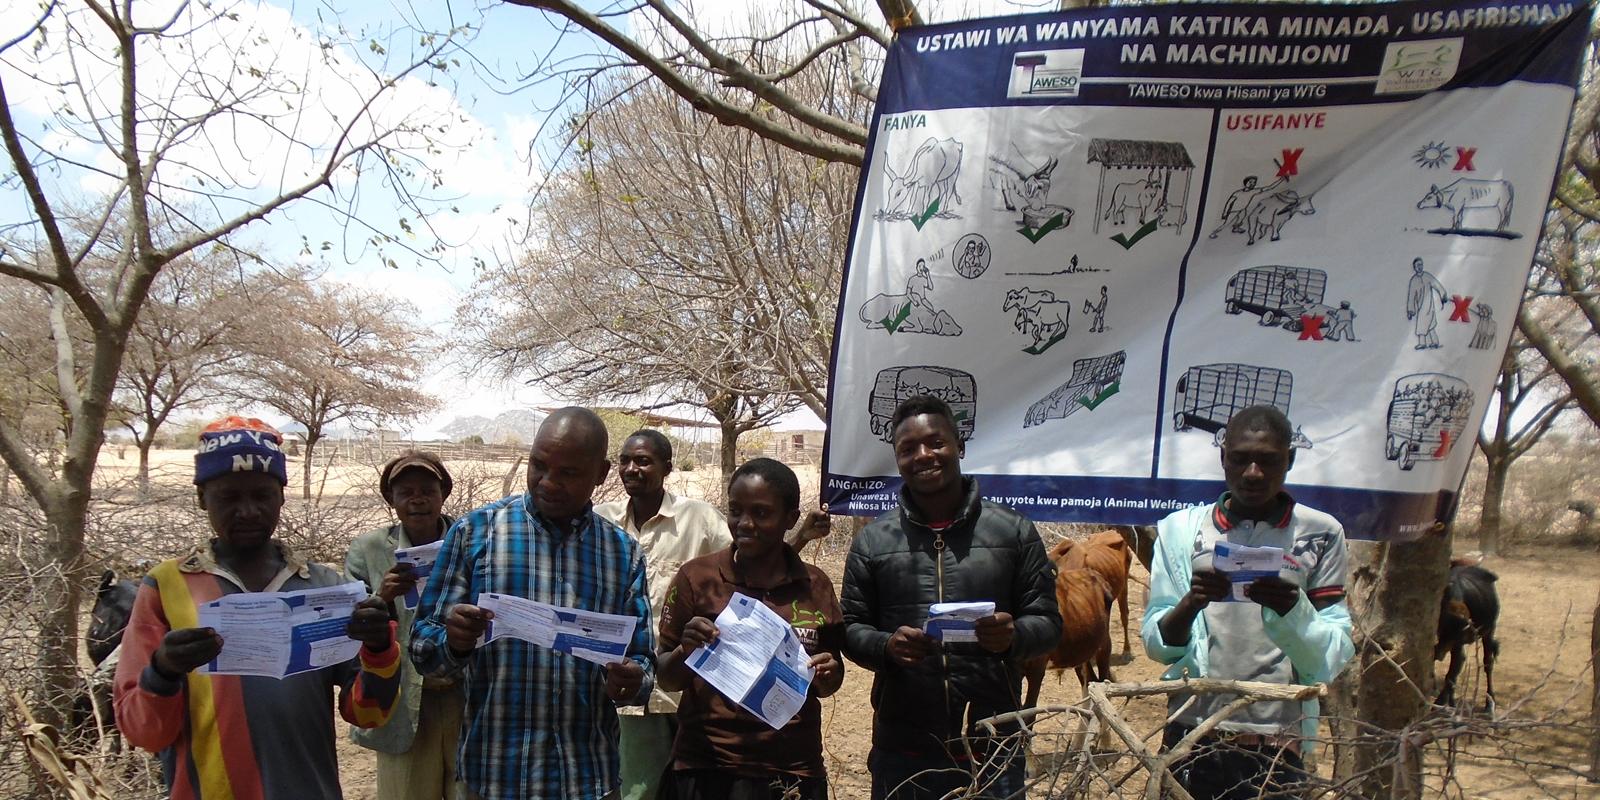 Mehr Tierwohl auf Tansanias Märkten: Anschauliches Informationsmaterial zum richtigen Umgang mit den Tieren